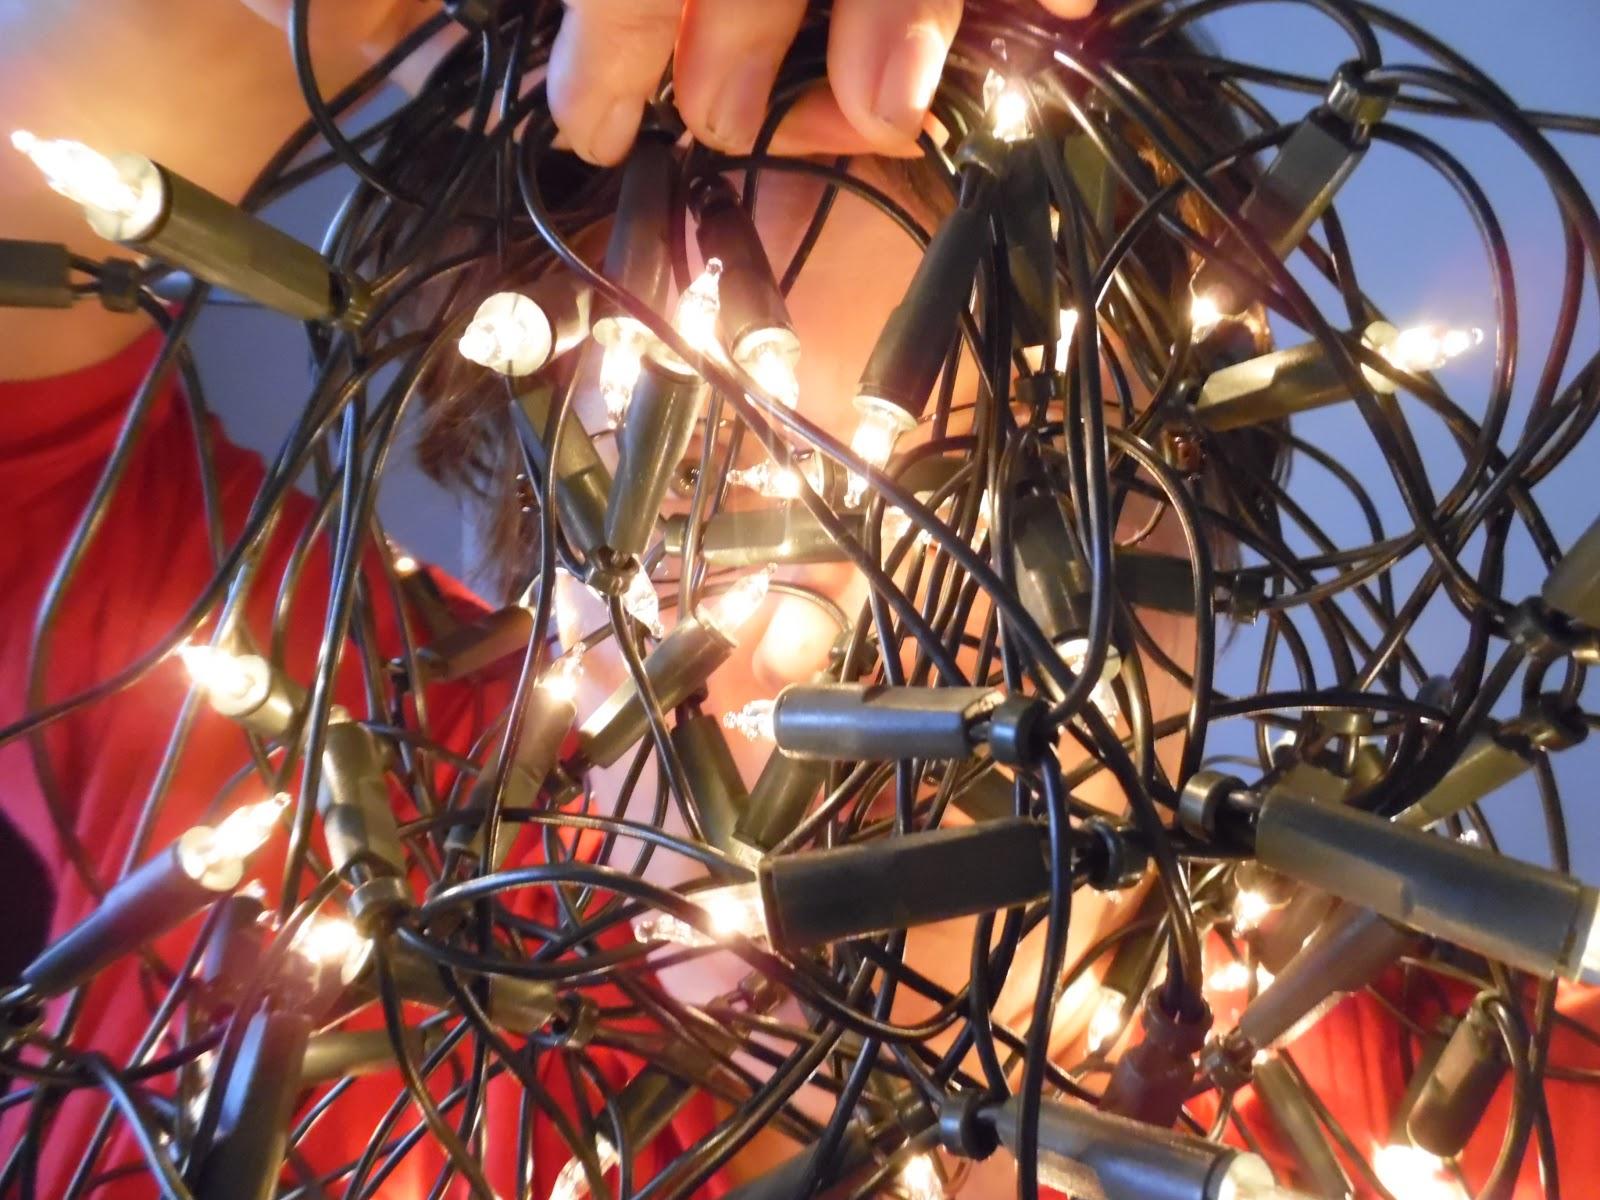 Tangled Christmas lights.